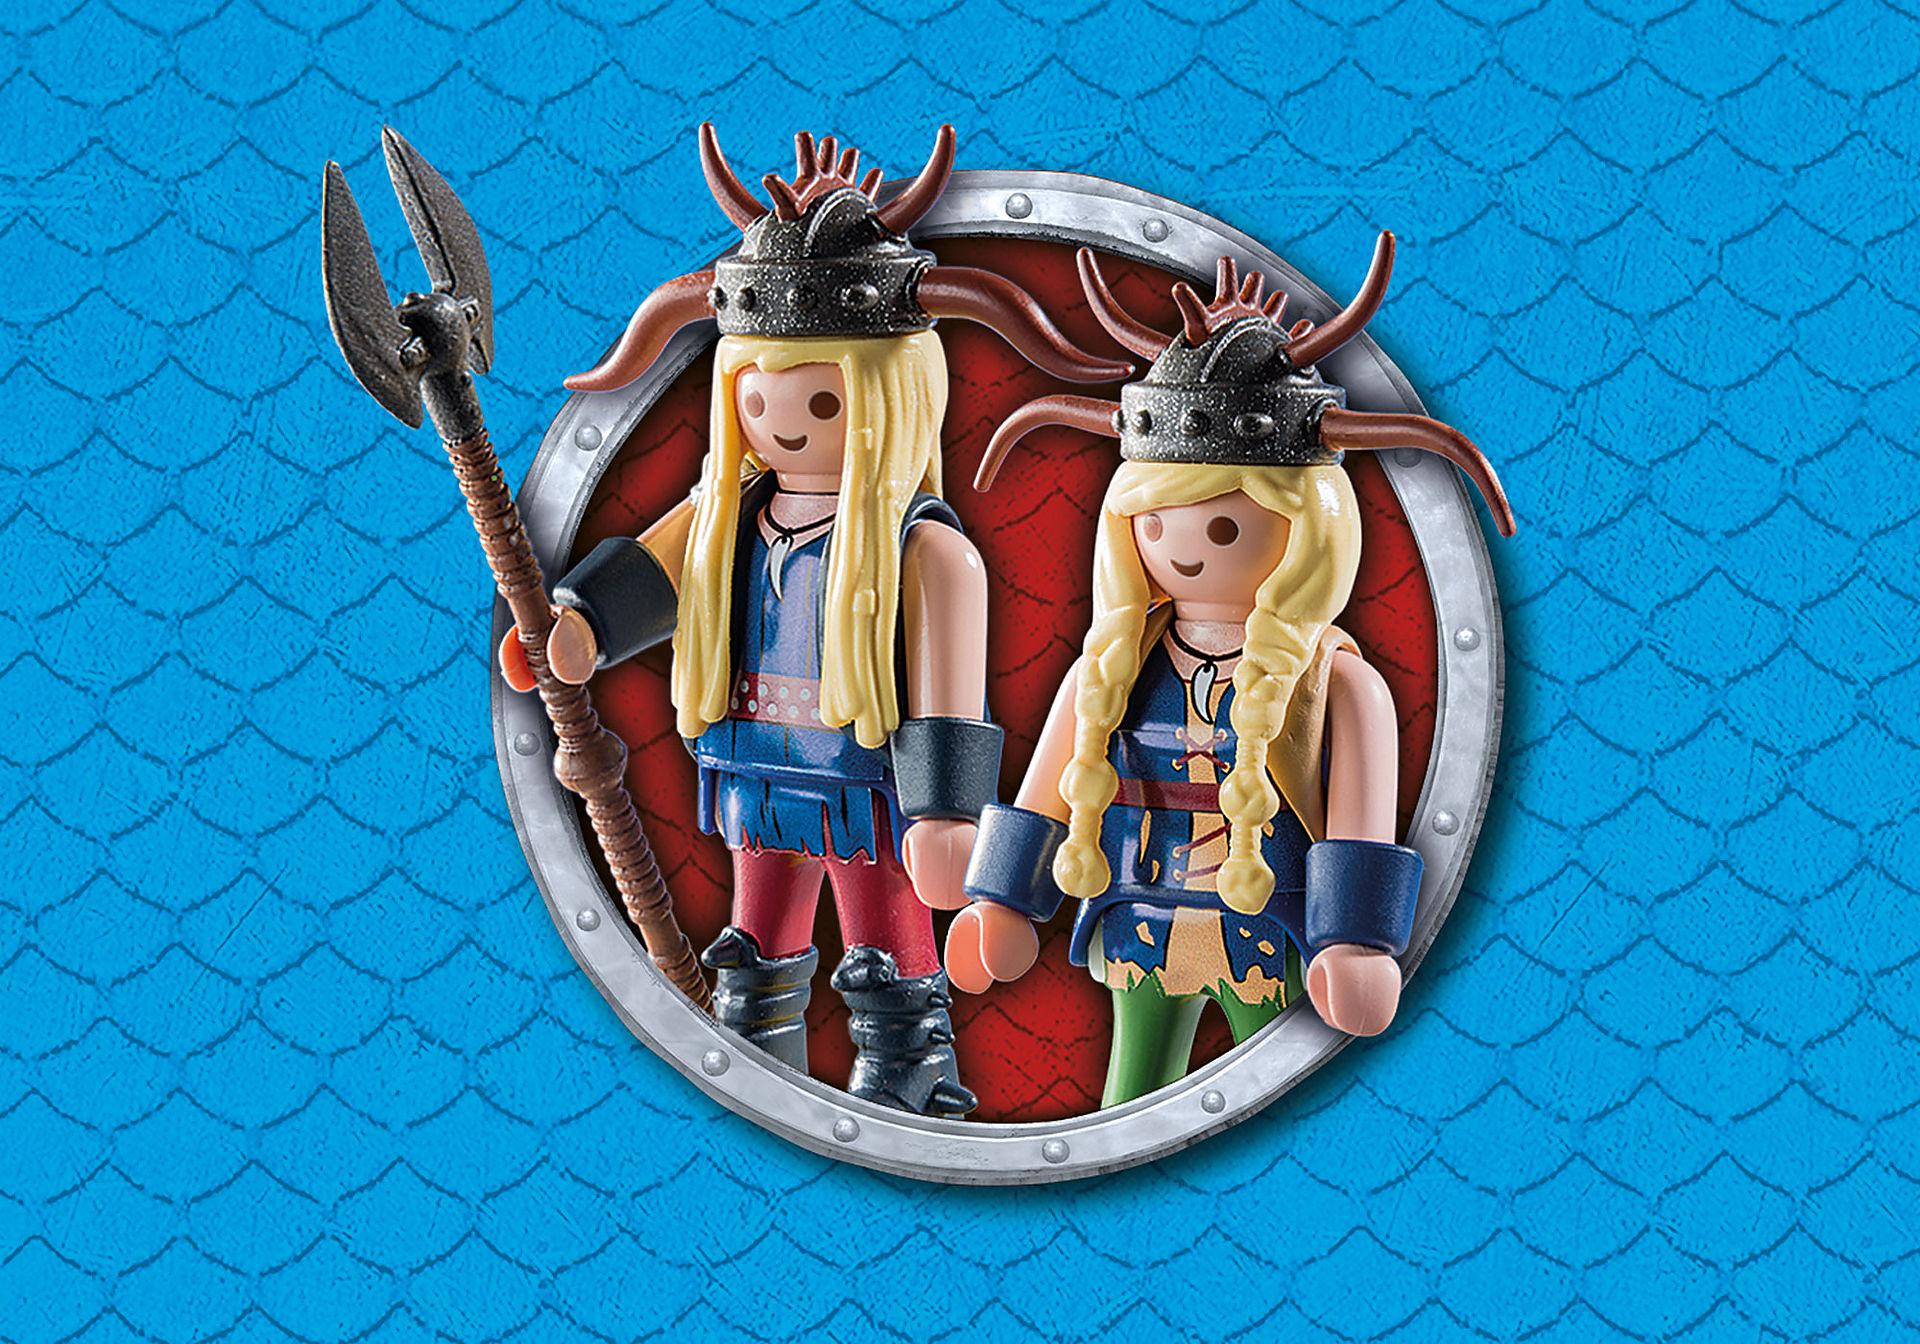 http://media.playmobil.com/i/playmobil/9458_product_extra3/Flåbusa och Flåbuse med Rap och Kräk